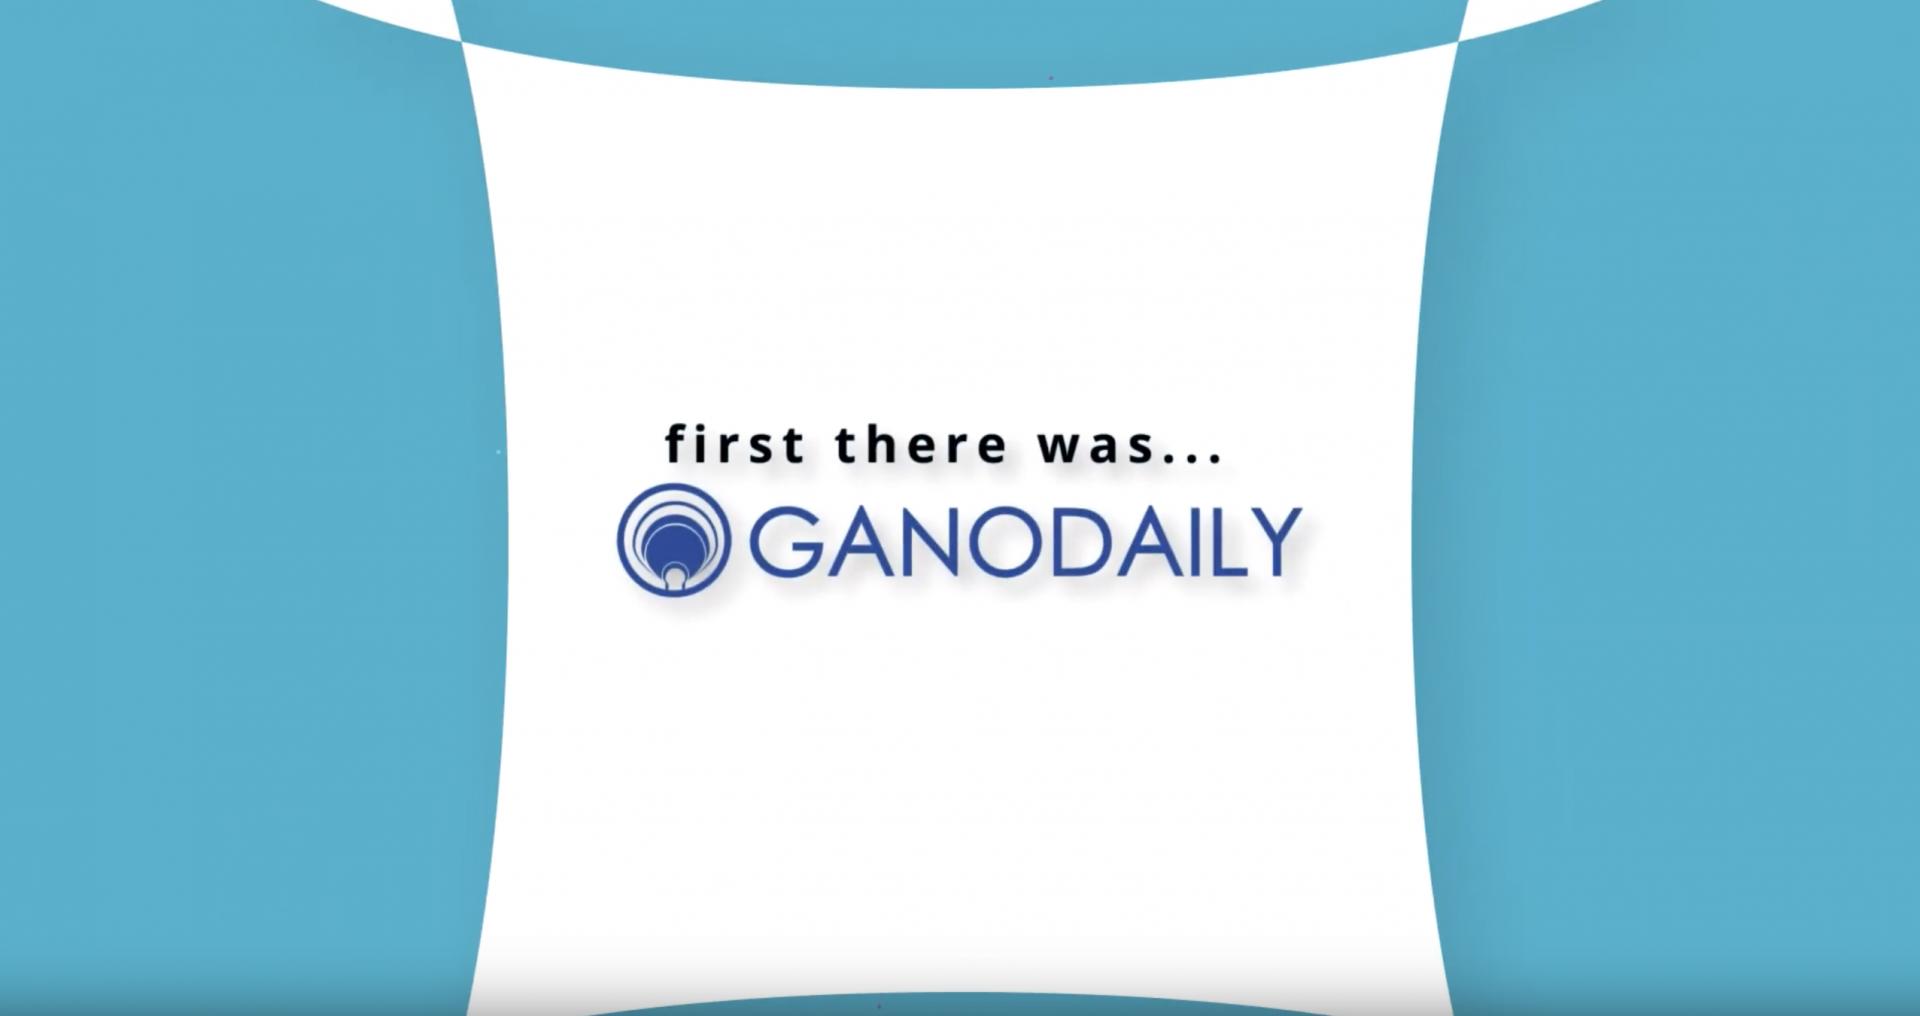 Introducing GanoPlus!